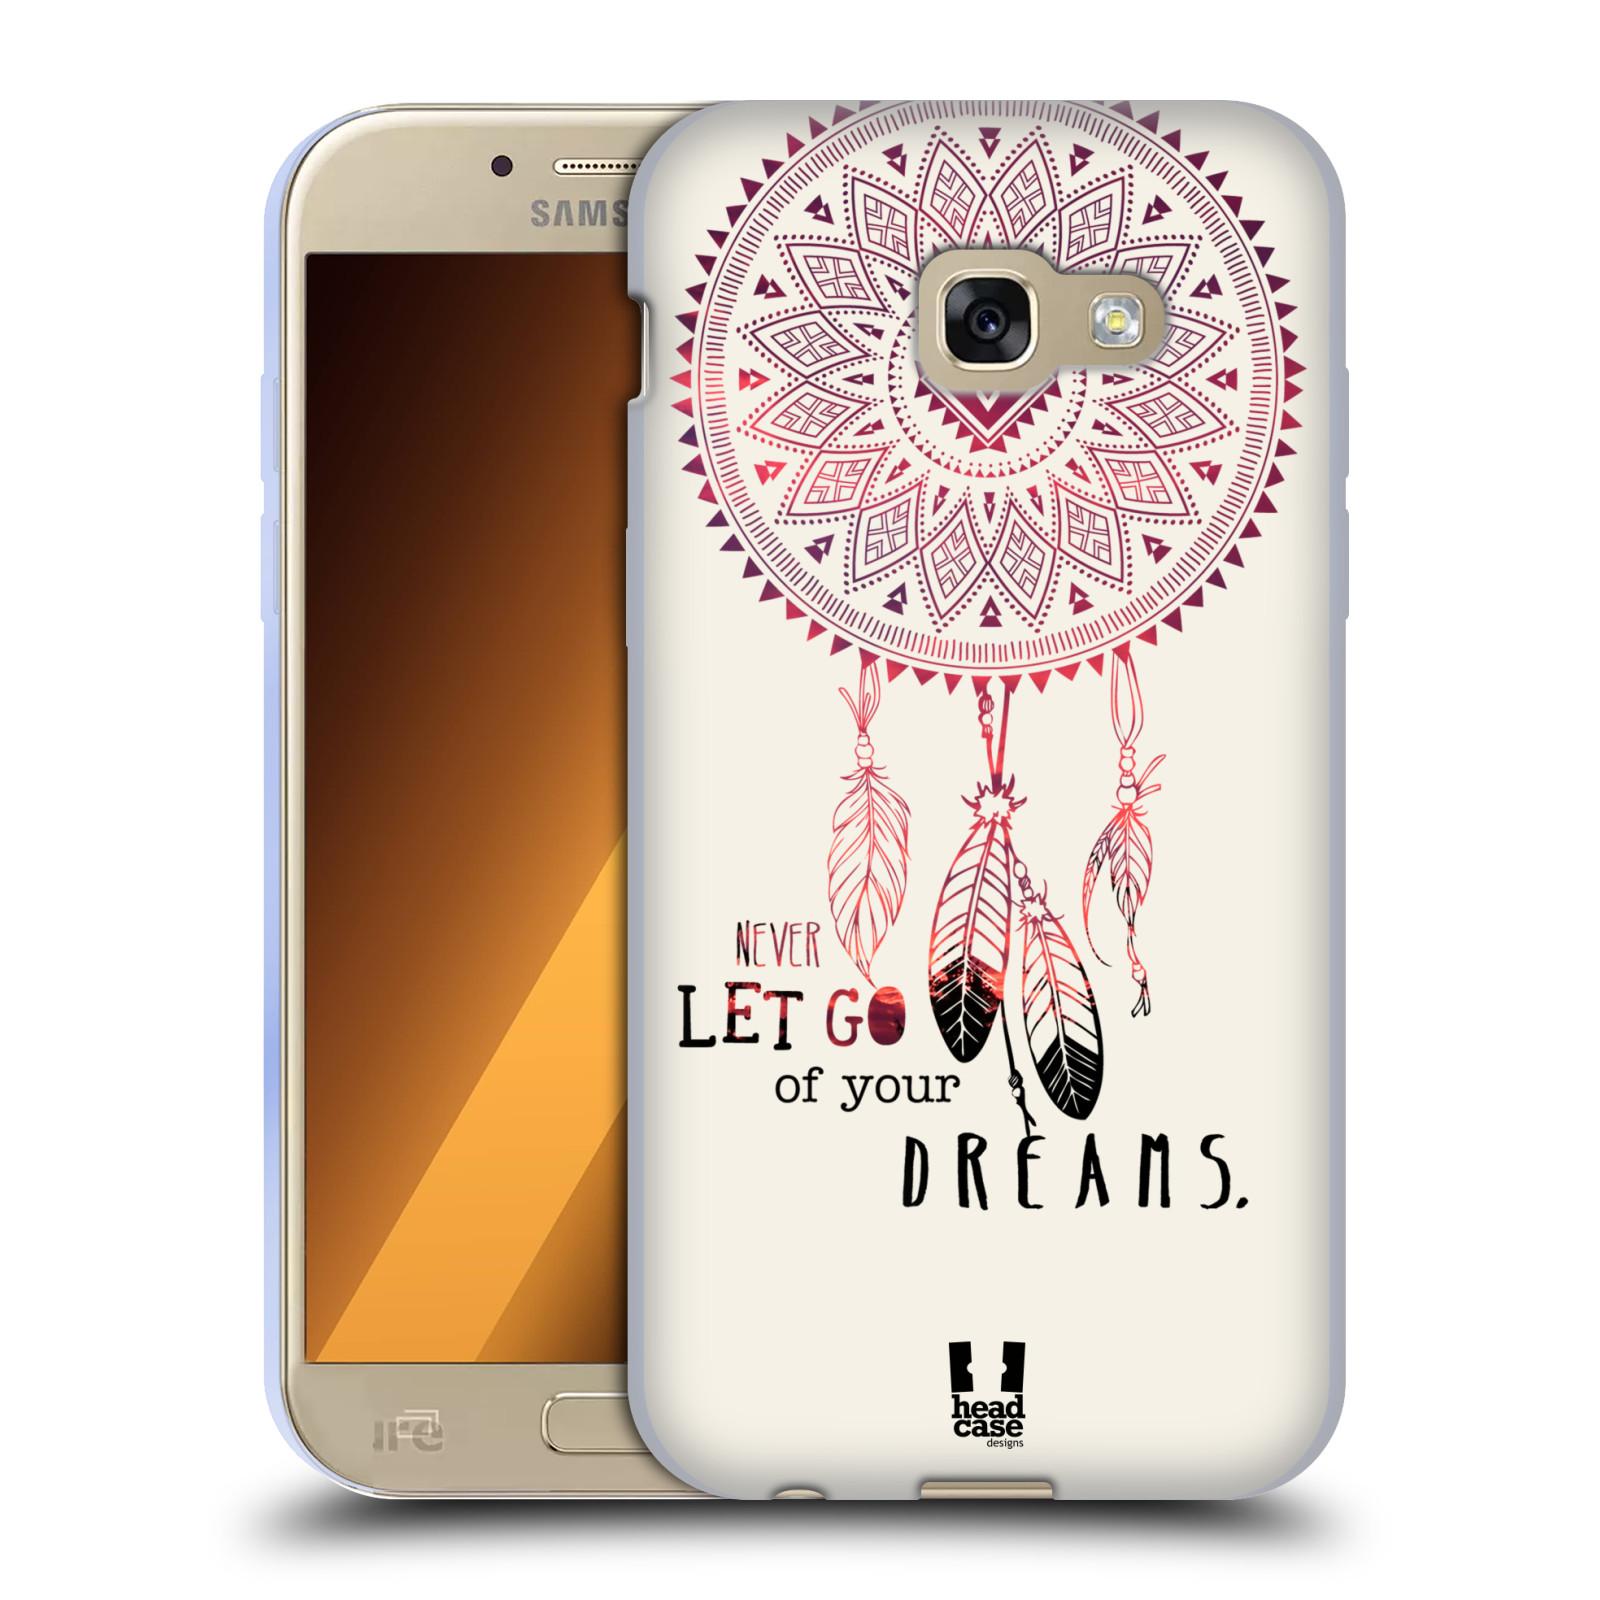 Silikonové pouzdro na mobil Samsung Galaxy A5 (2017) HEAD CASE LAPAČ NEVER DREAMS